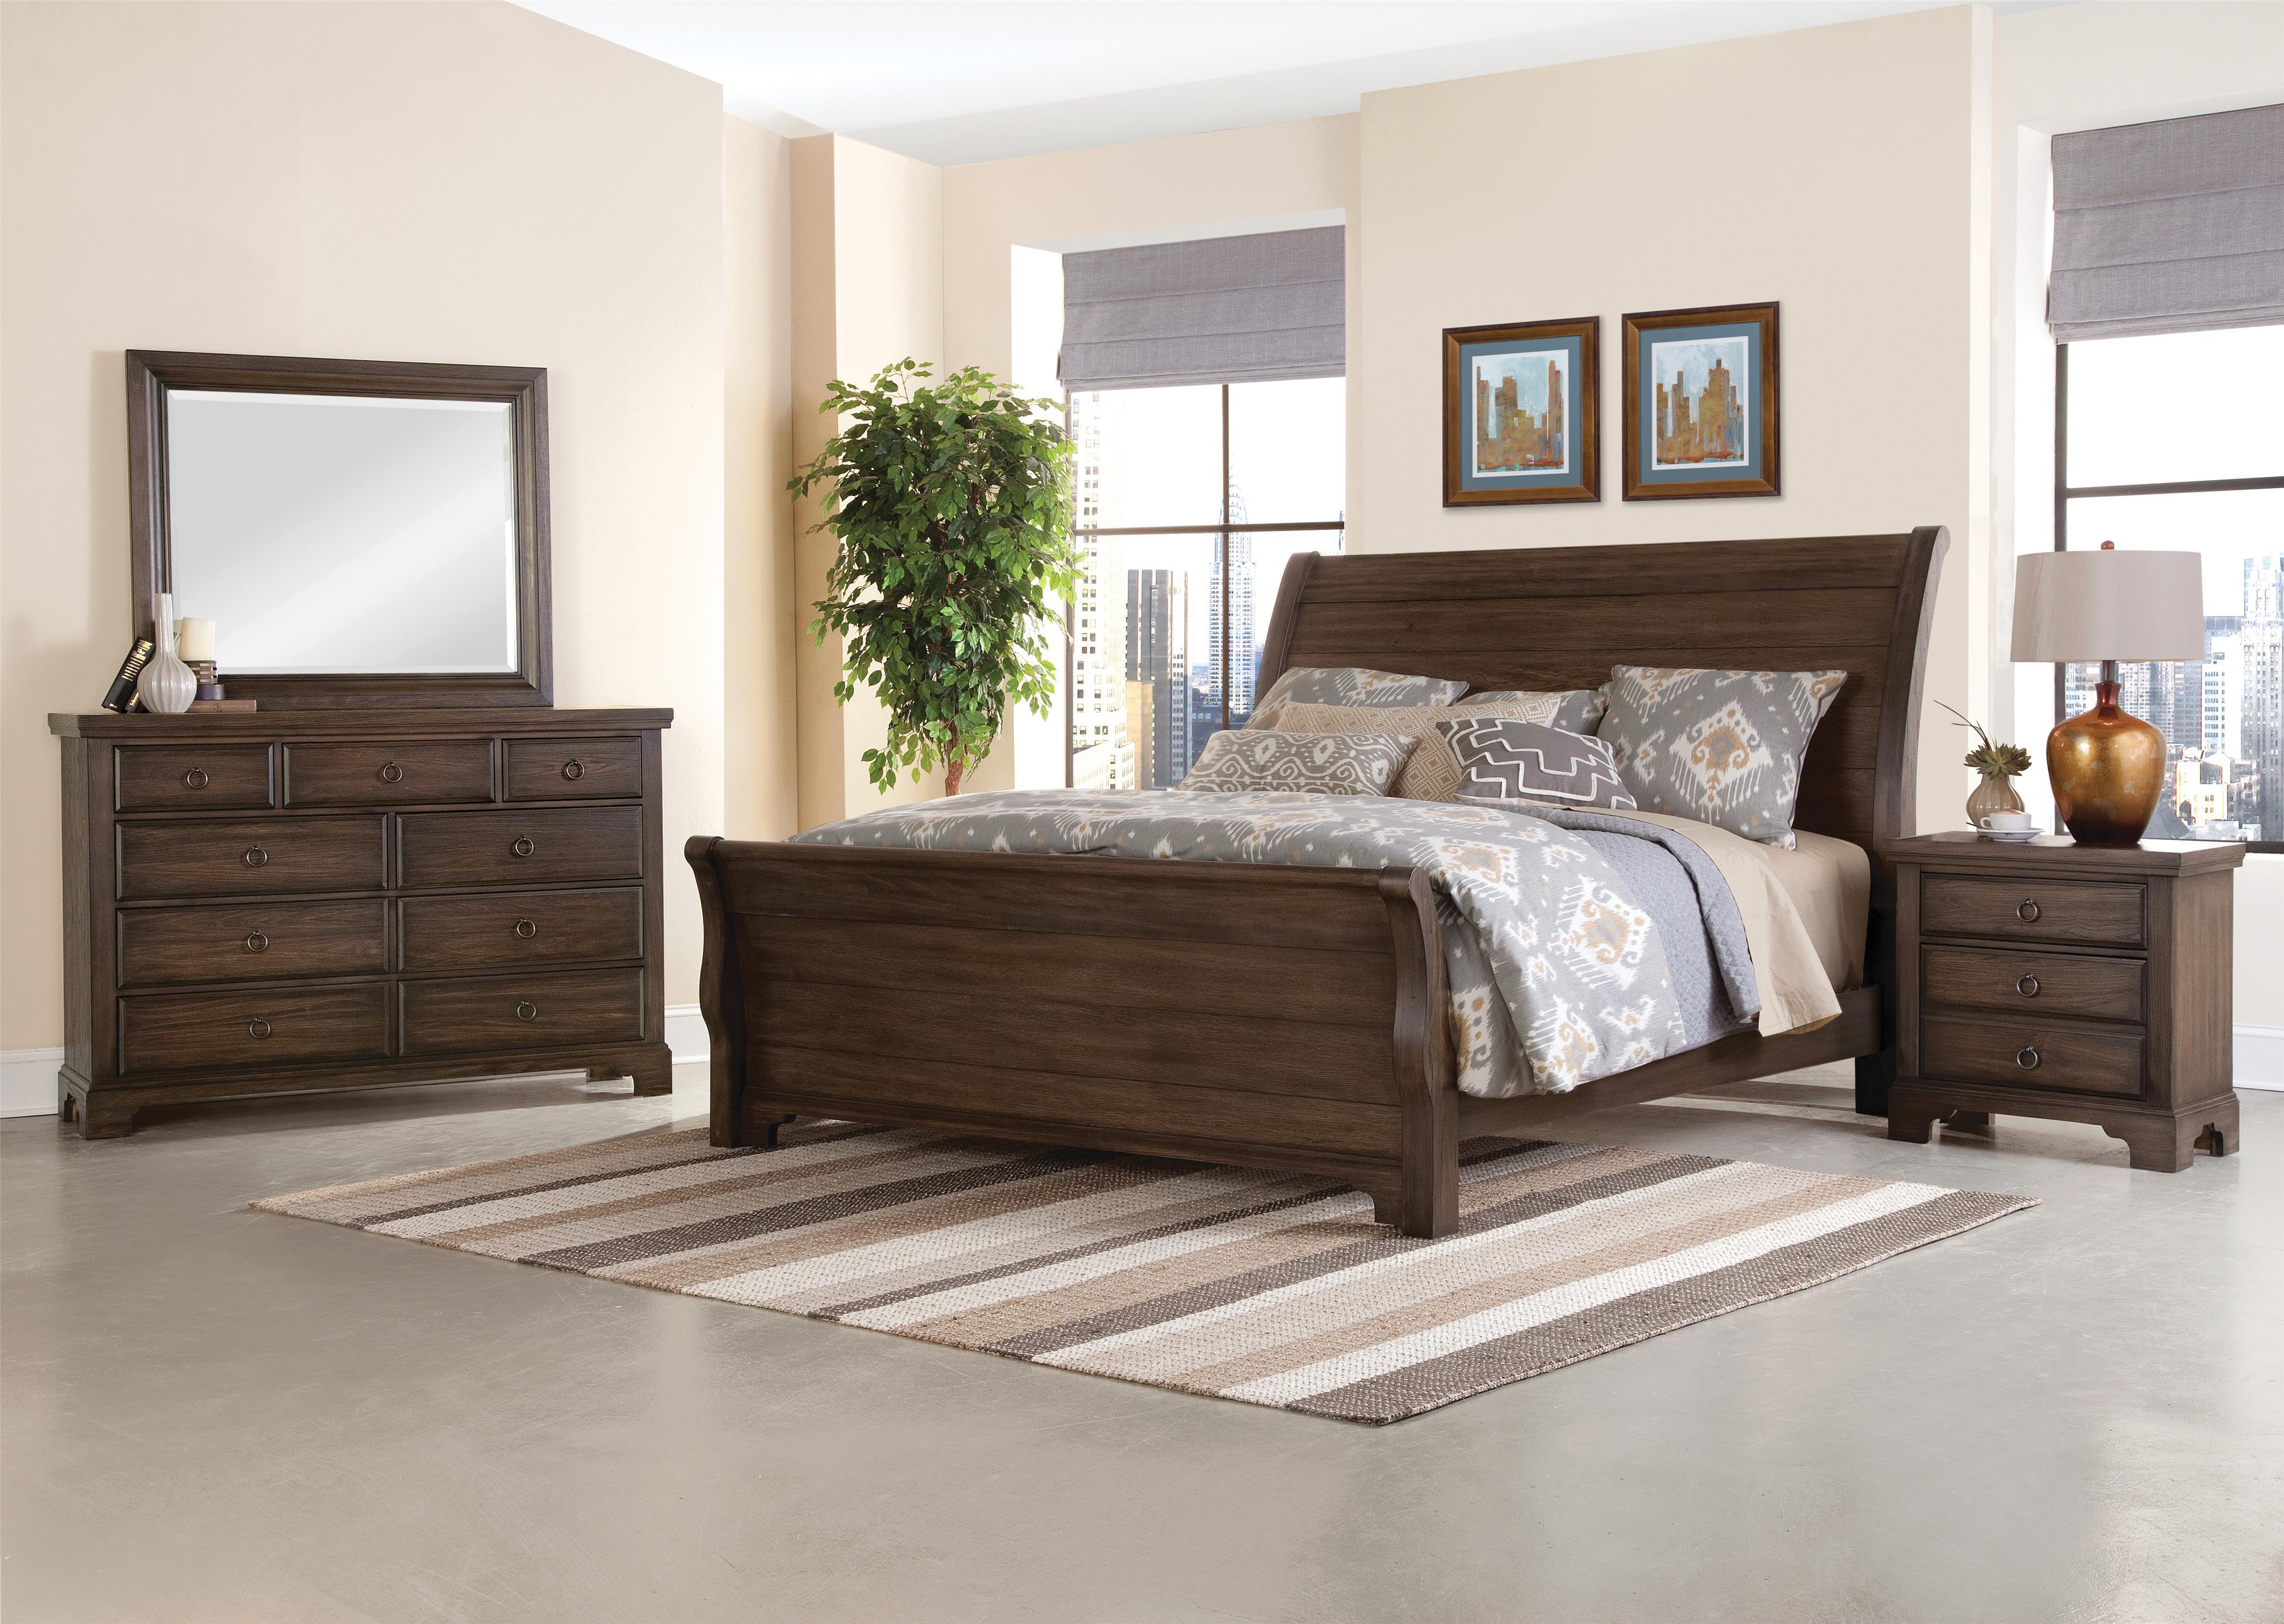 Vaughan Bassett Whiskey Barrel Queen Bedroom Group Darvin Furniture Bedro